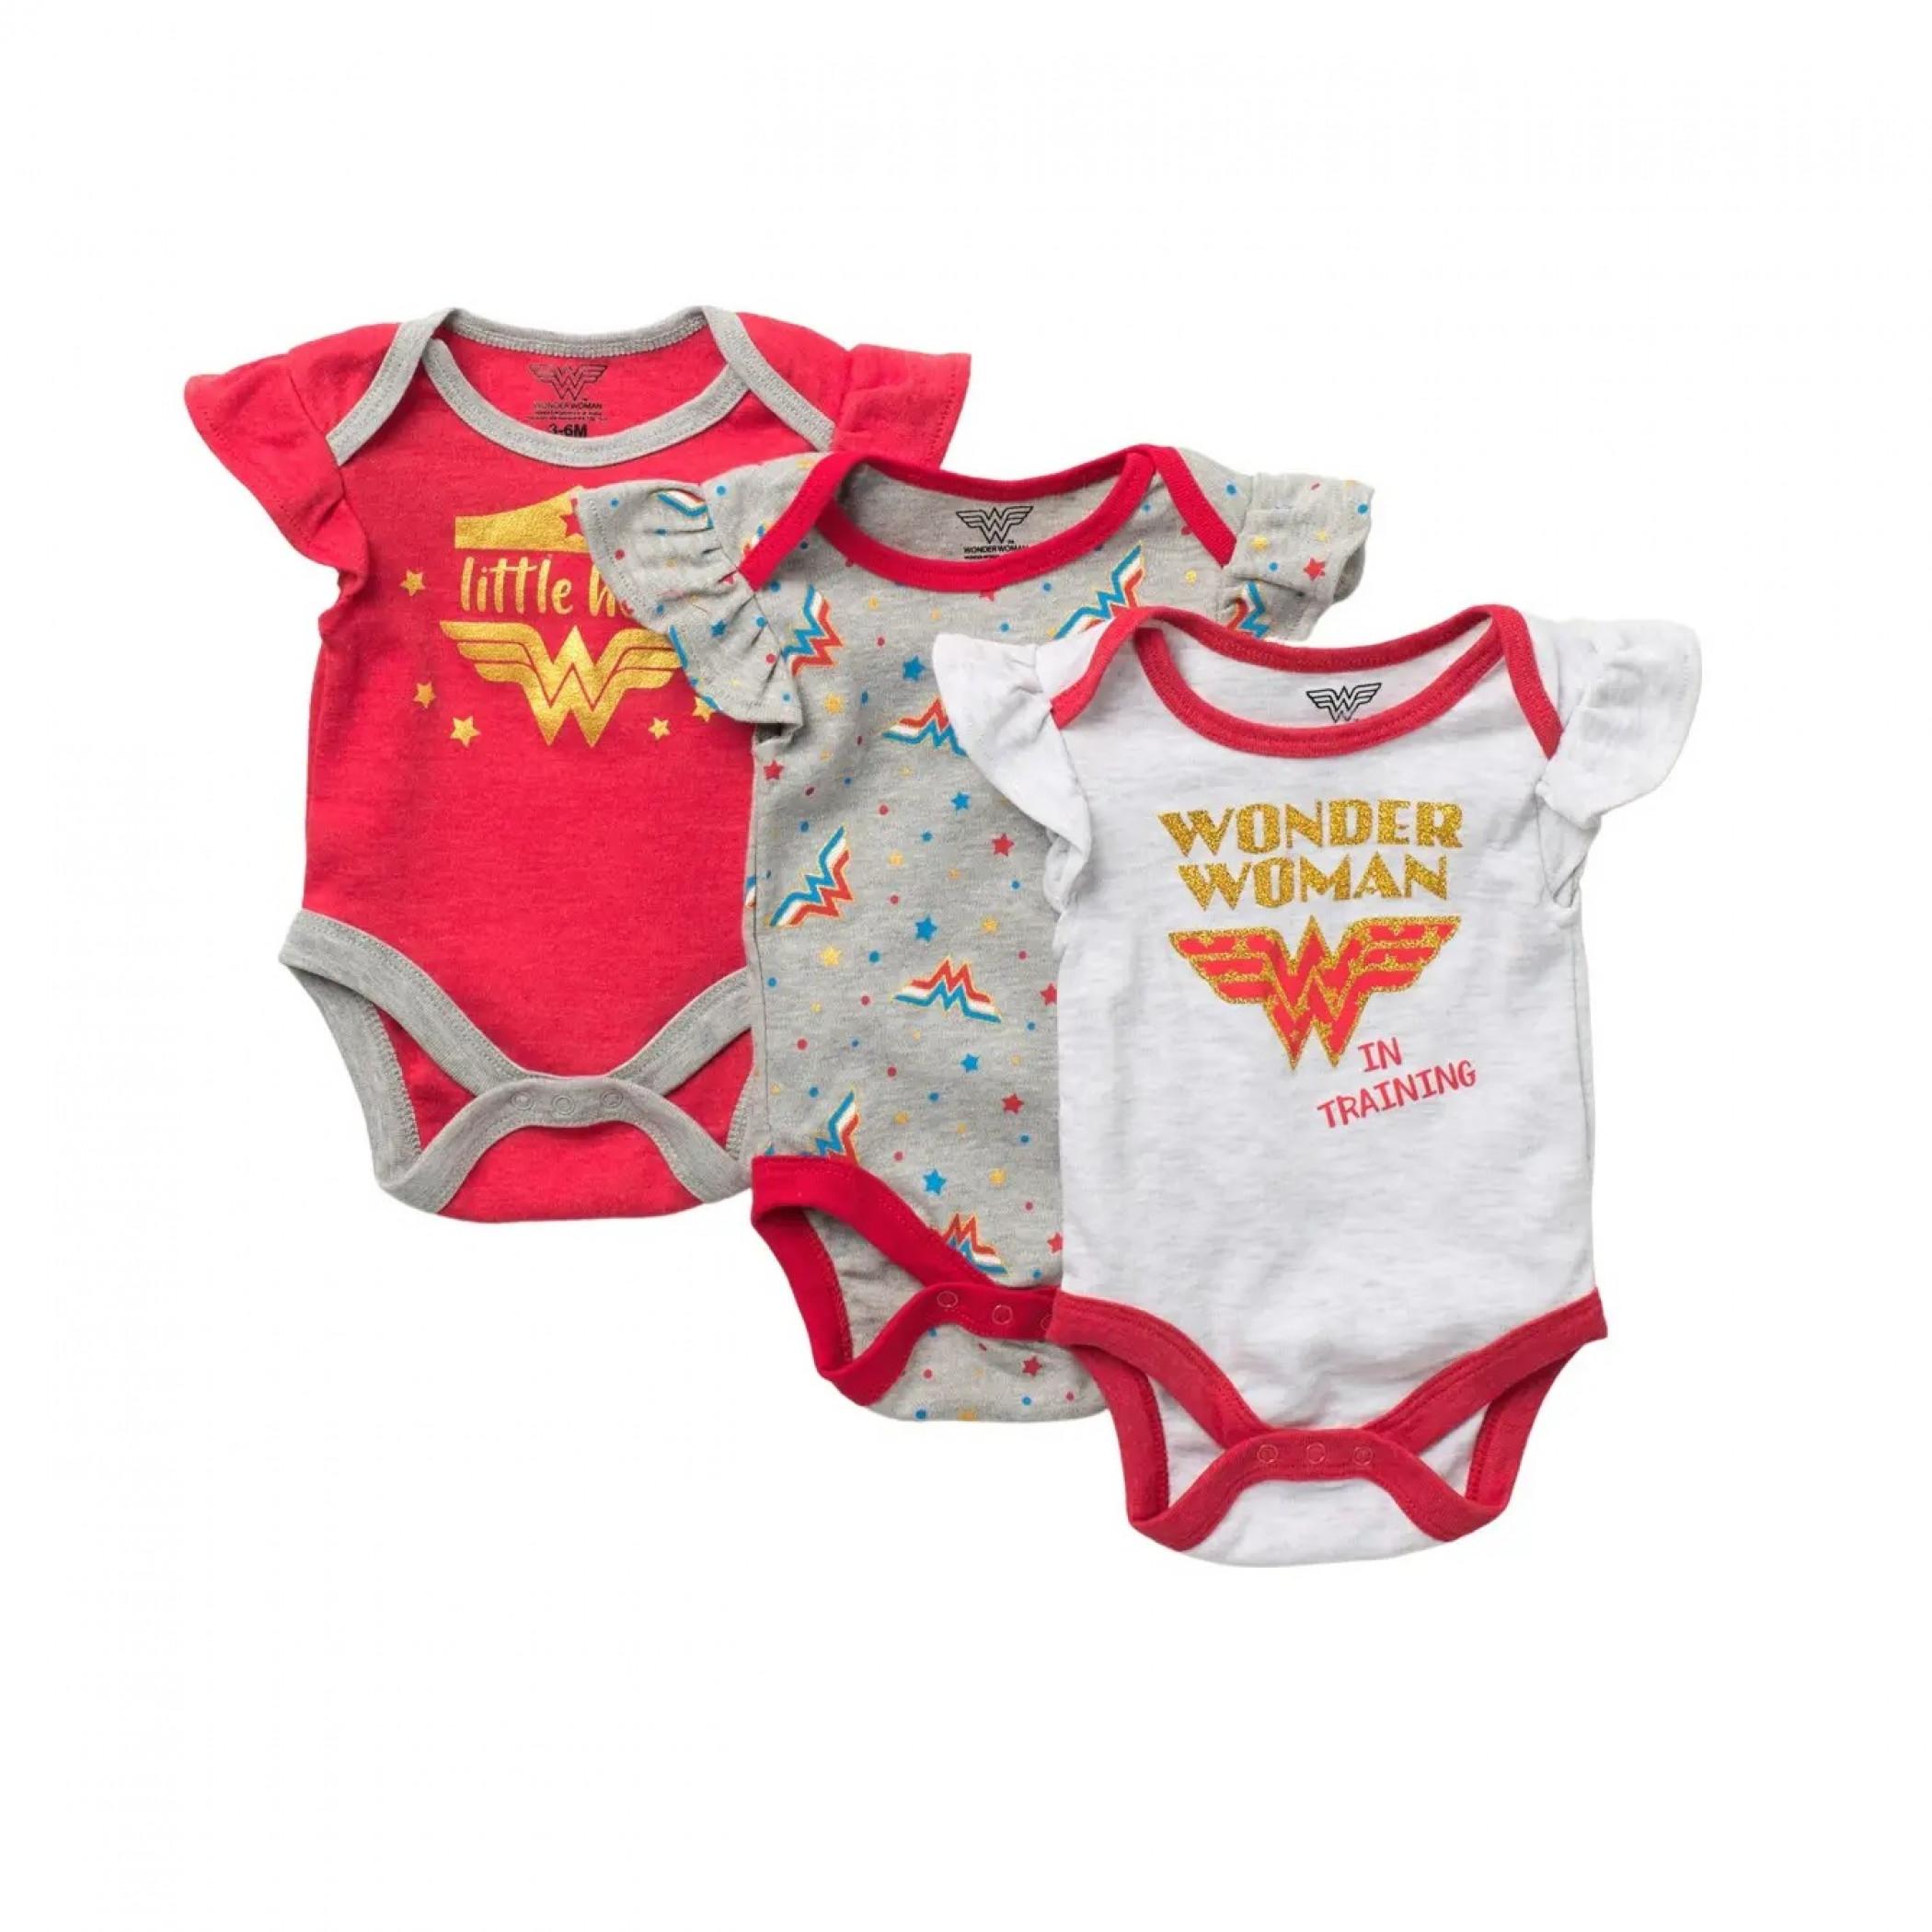 Wonder Woman 3-Pack Snapsuit Set